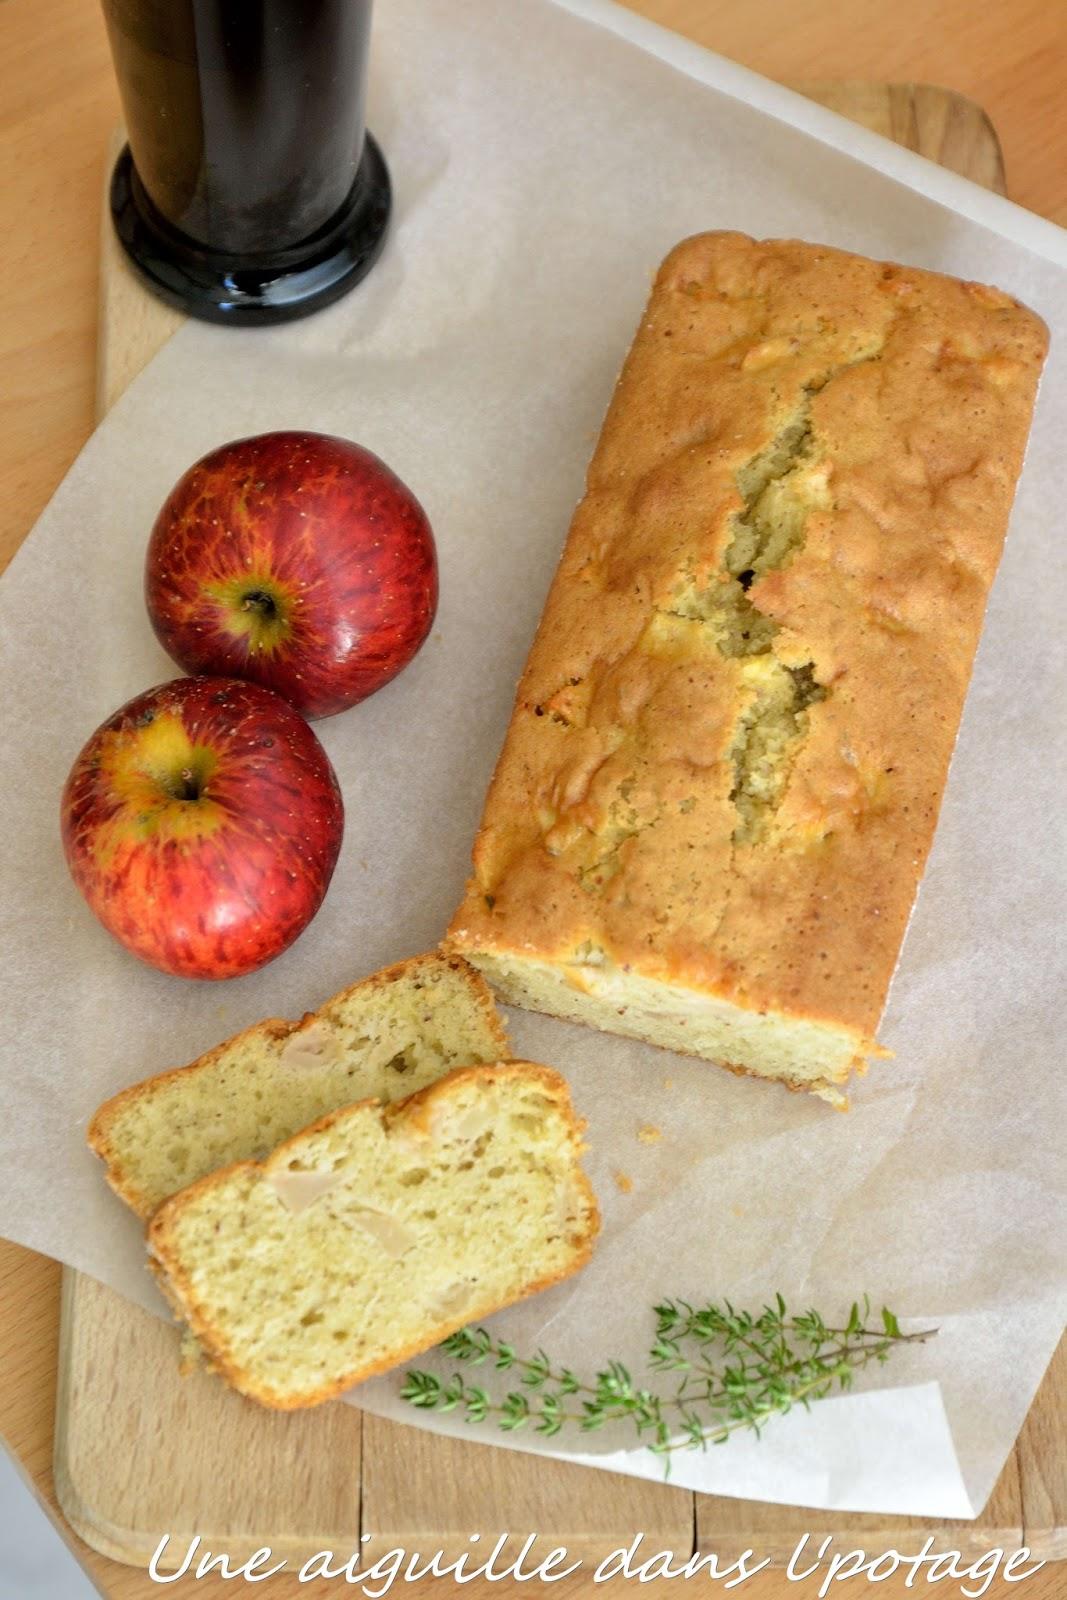 Une aiguille dans l 39 potage cake aux pommes huile d 39 olive et thym - Quand ramasser le thym ...